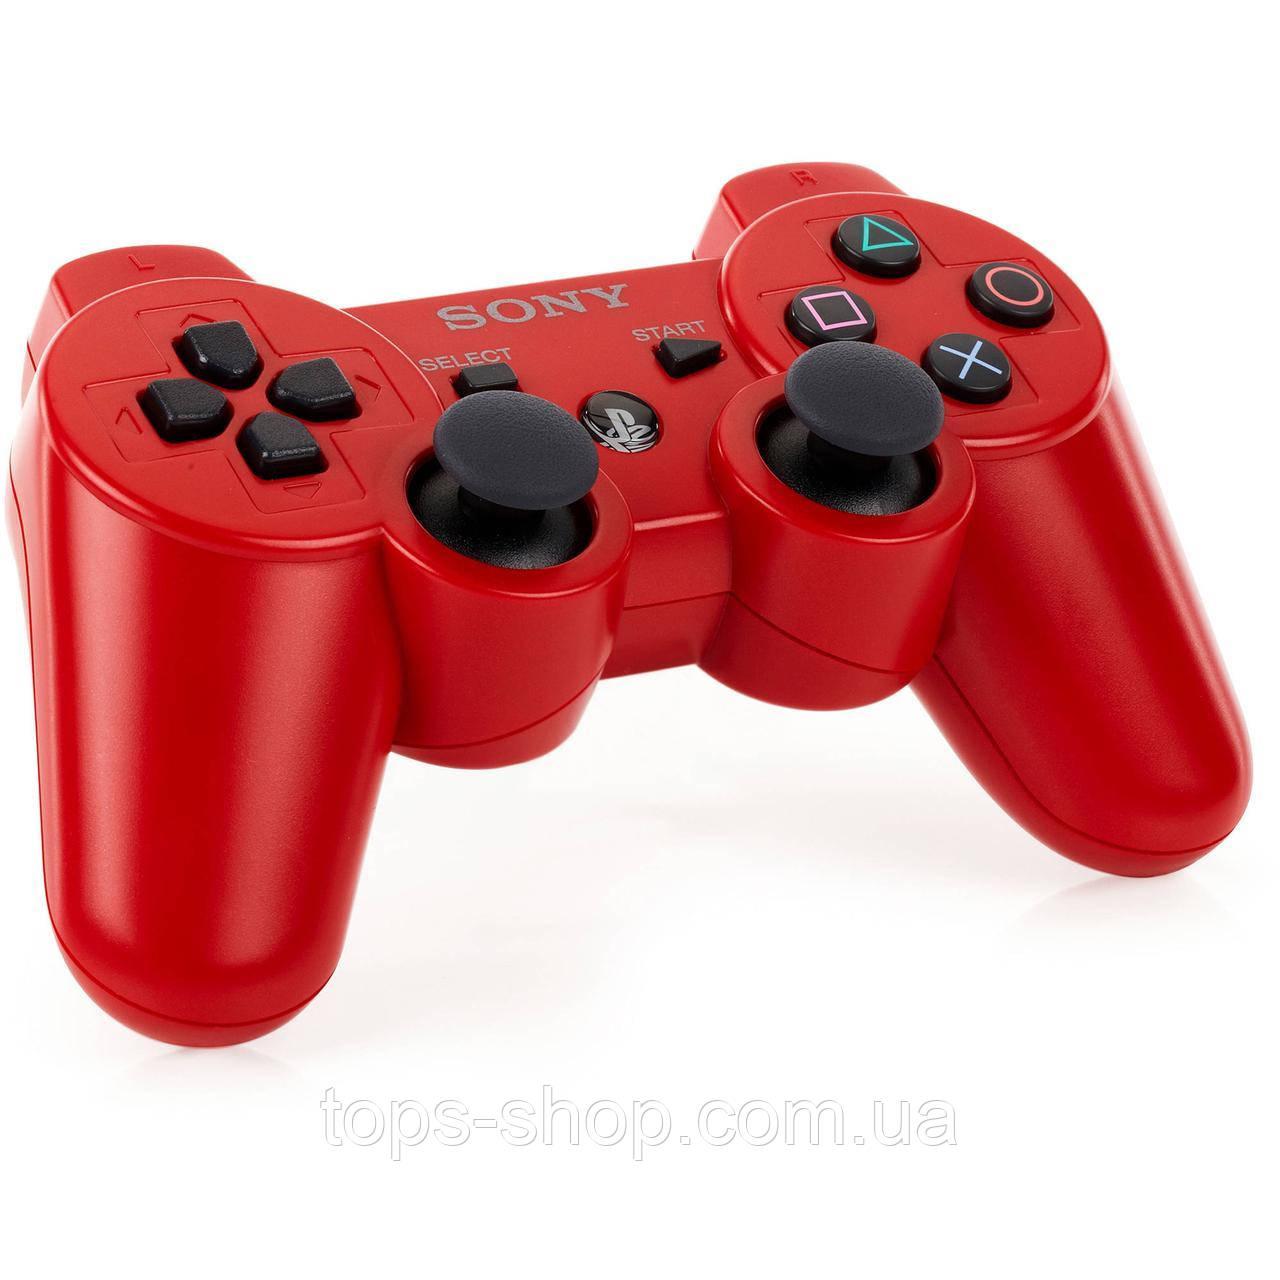 Джойстик контроллер геймпад для Sony PlayStation 3 DualShock Беспроводной ps3 bluetooth пс3 красны ( Реплика )